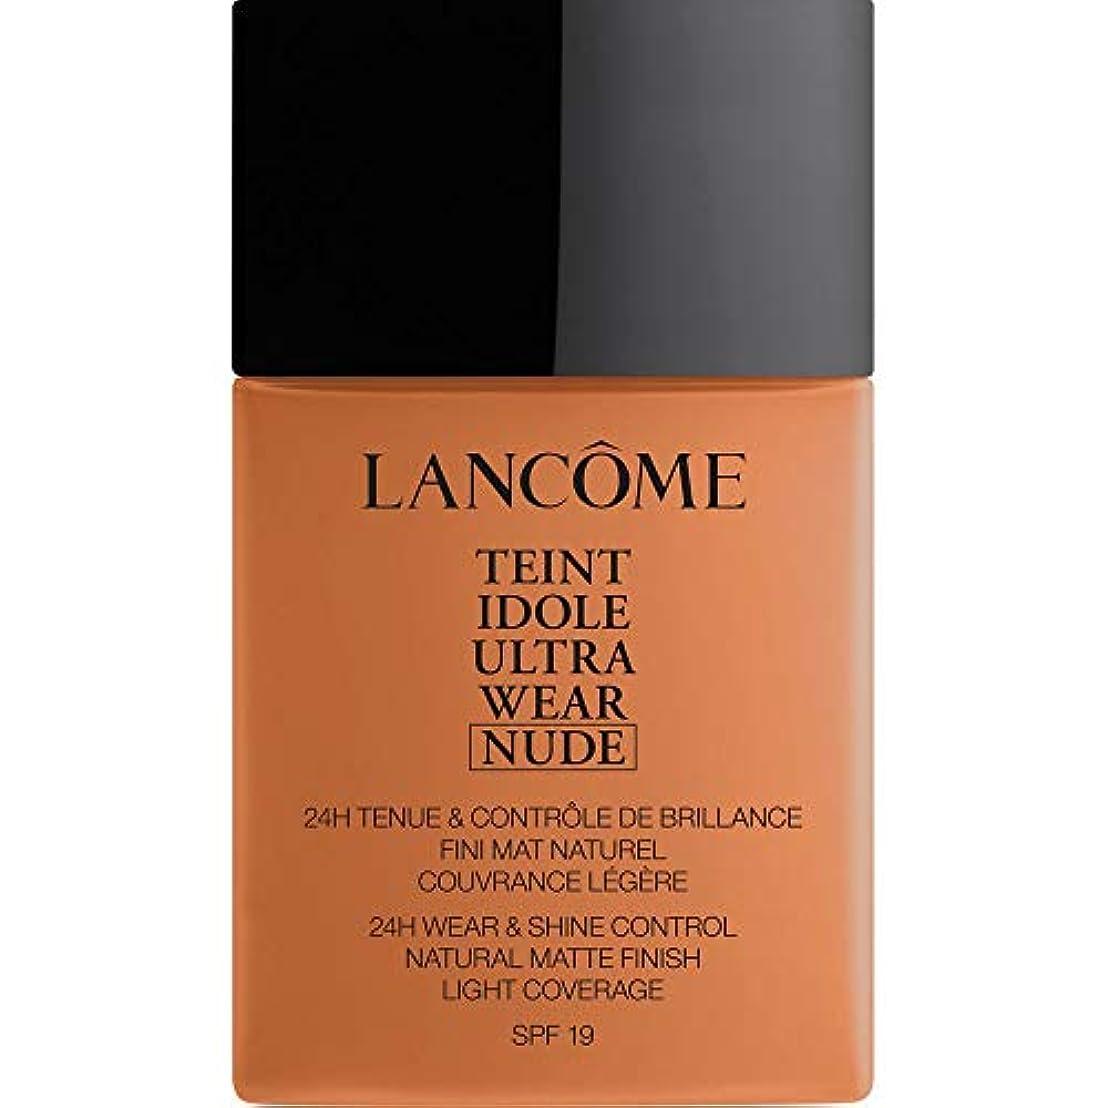 旋律的羊眉をひそめる[Lanc?me ] ランコムTeintのIdole超摩耗ヌード財団Spf19の40ミリリットル09 - クッキー - Lancome Teint Idole Ultra Wear Nude Foundation SPF19...